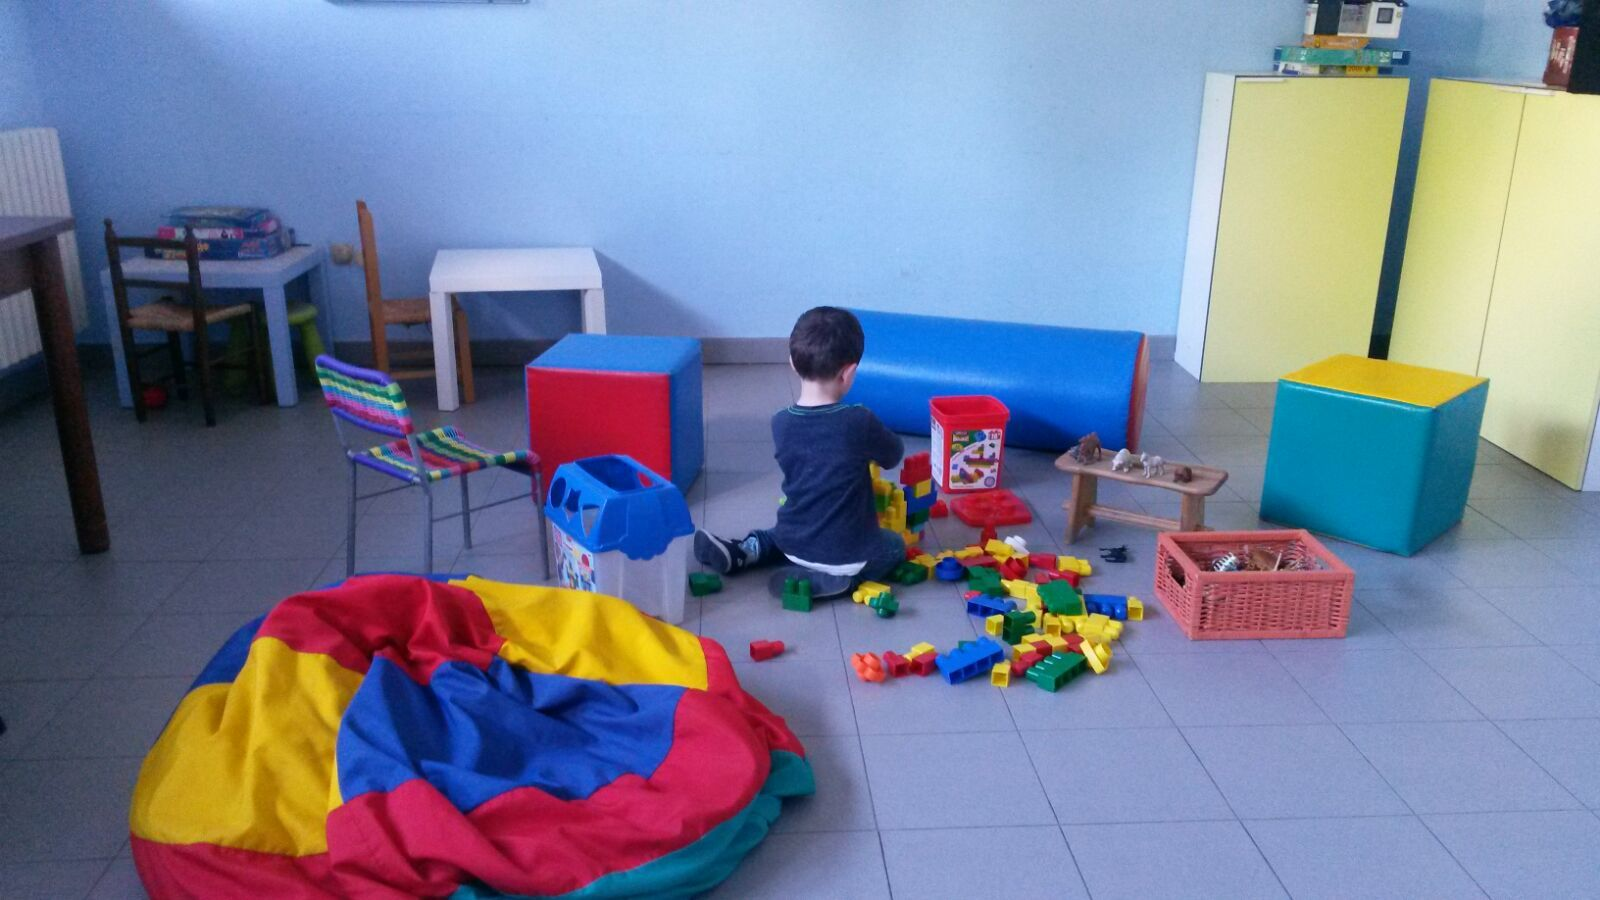 Servizio infanzia / adolescenza